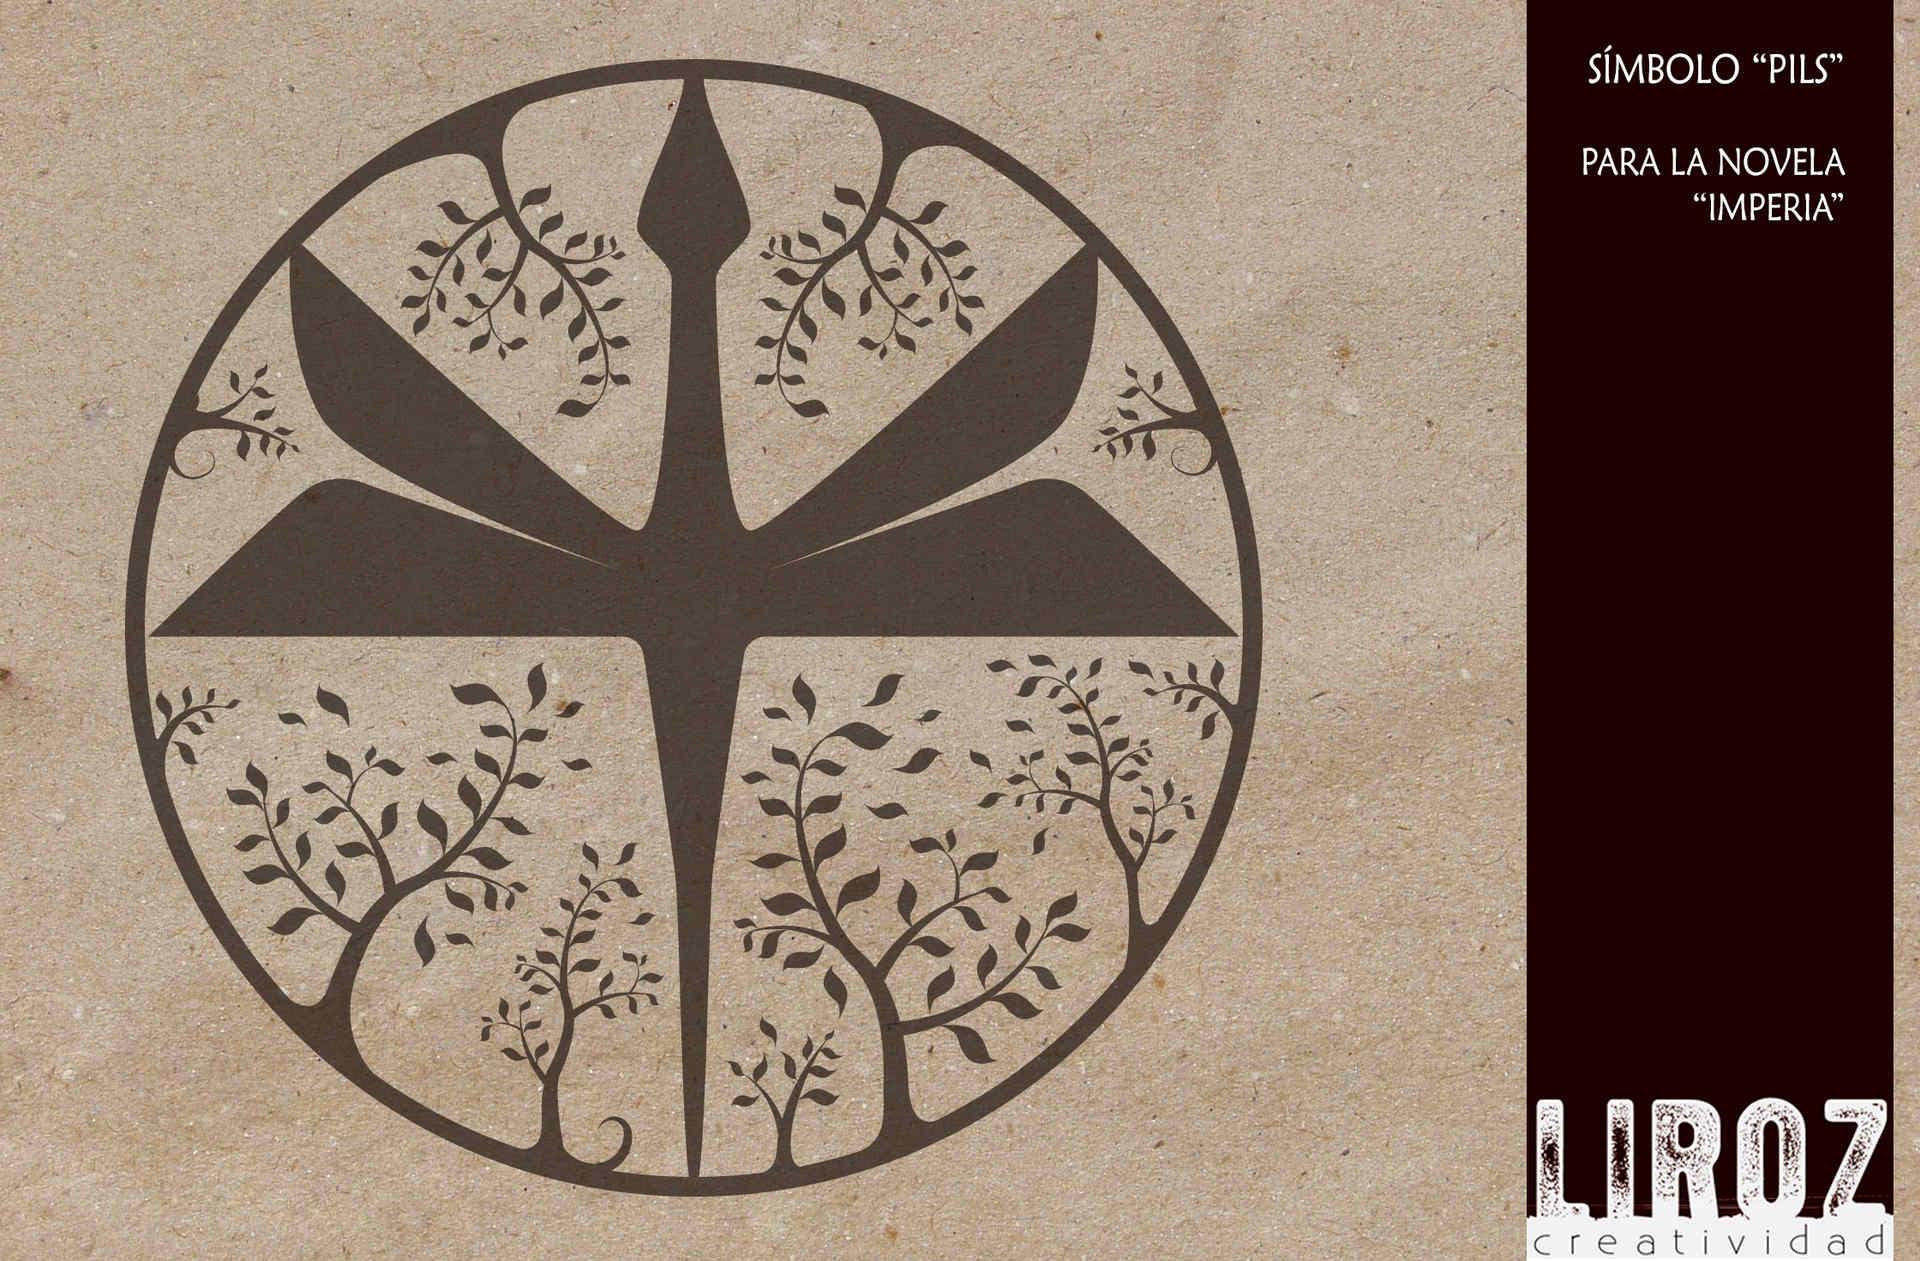 Emblema de la Libélula